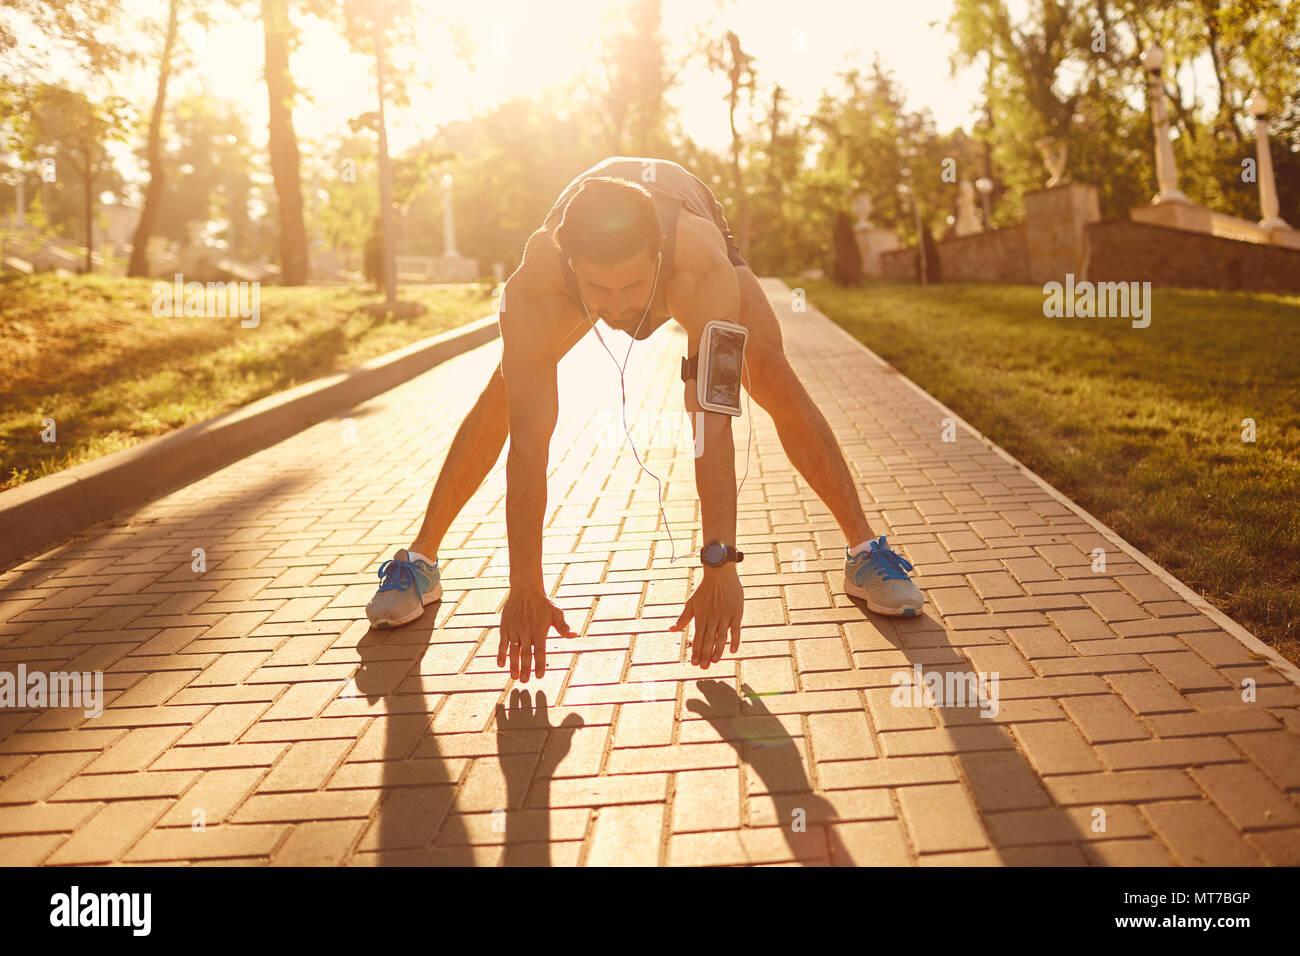 Giovane uomo facendo stretching nel parco. Immagini Stock